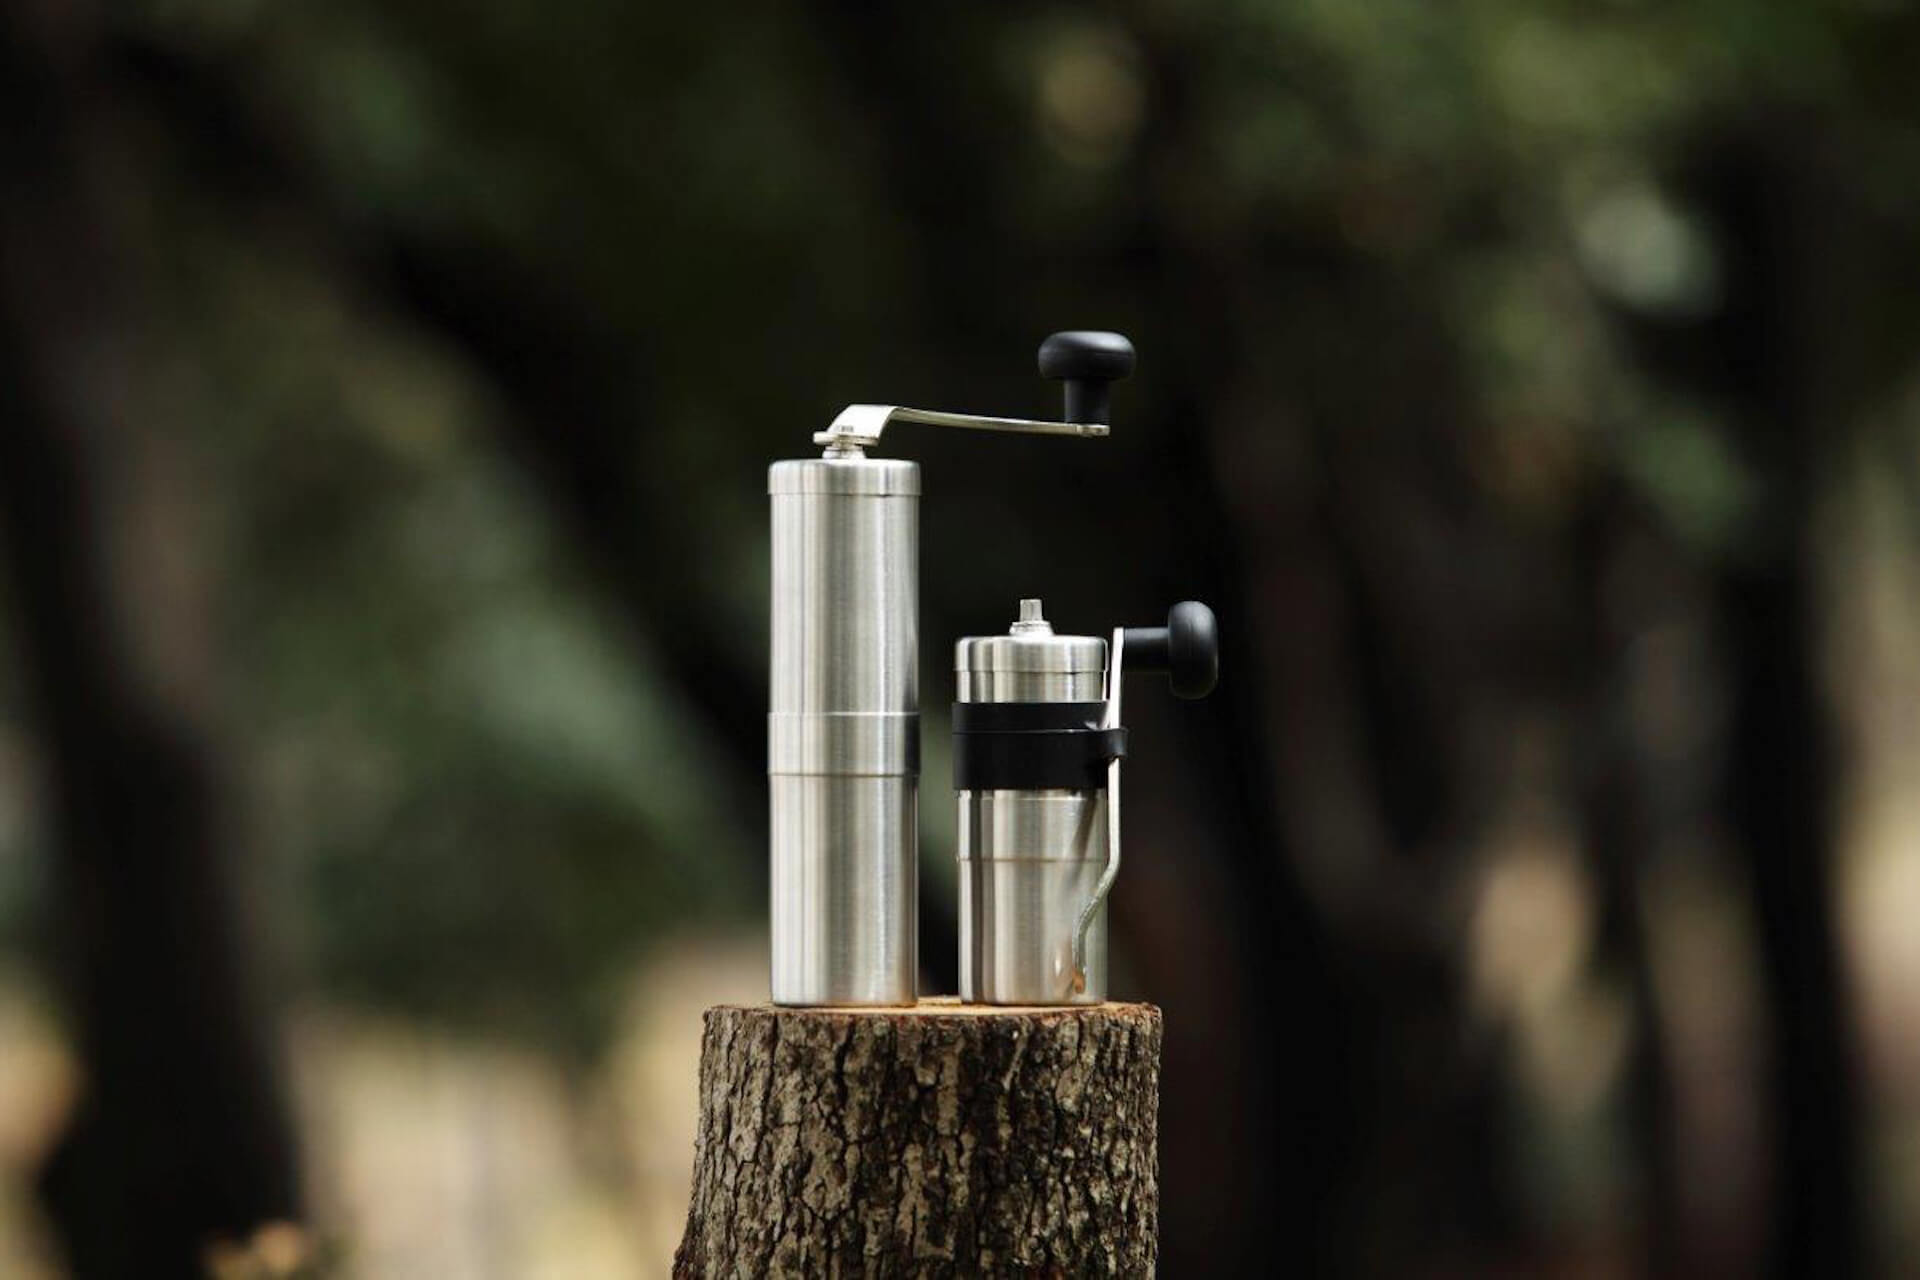 極上のコーヒータイムを嗜む! アウトドアや登山におすすめのギア&厳選コーヒー豆特集 life191118_jeep_coffee_3